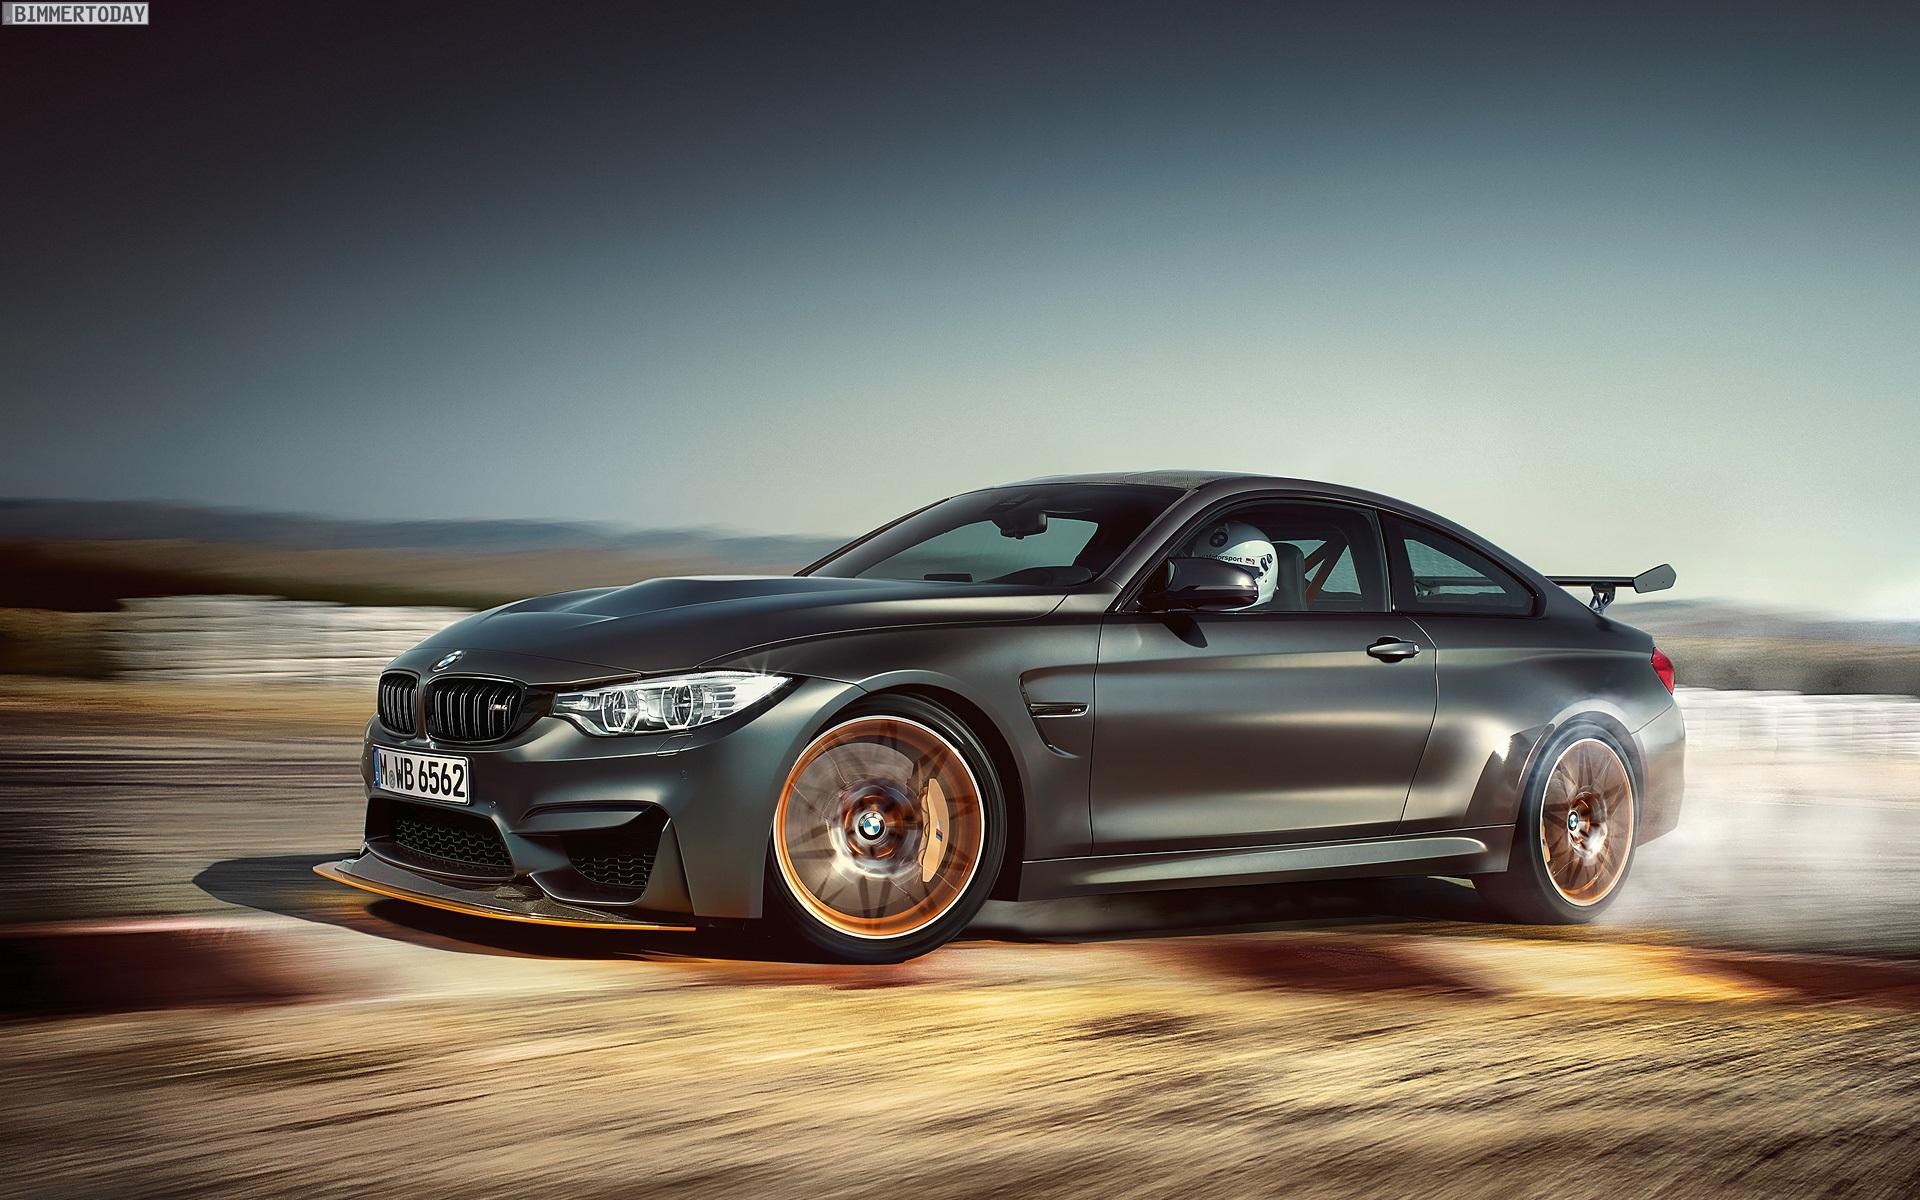 BMW M4 GTS Wallpaper Motive In 1600x1200 Und 1920x1200